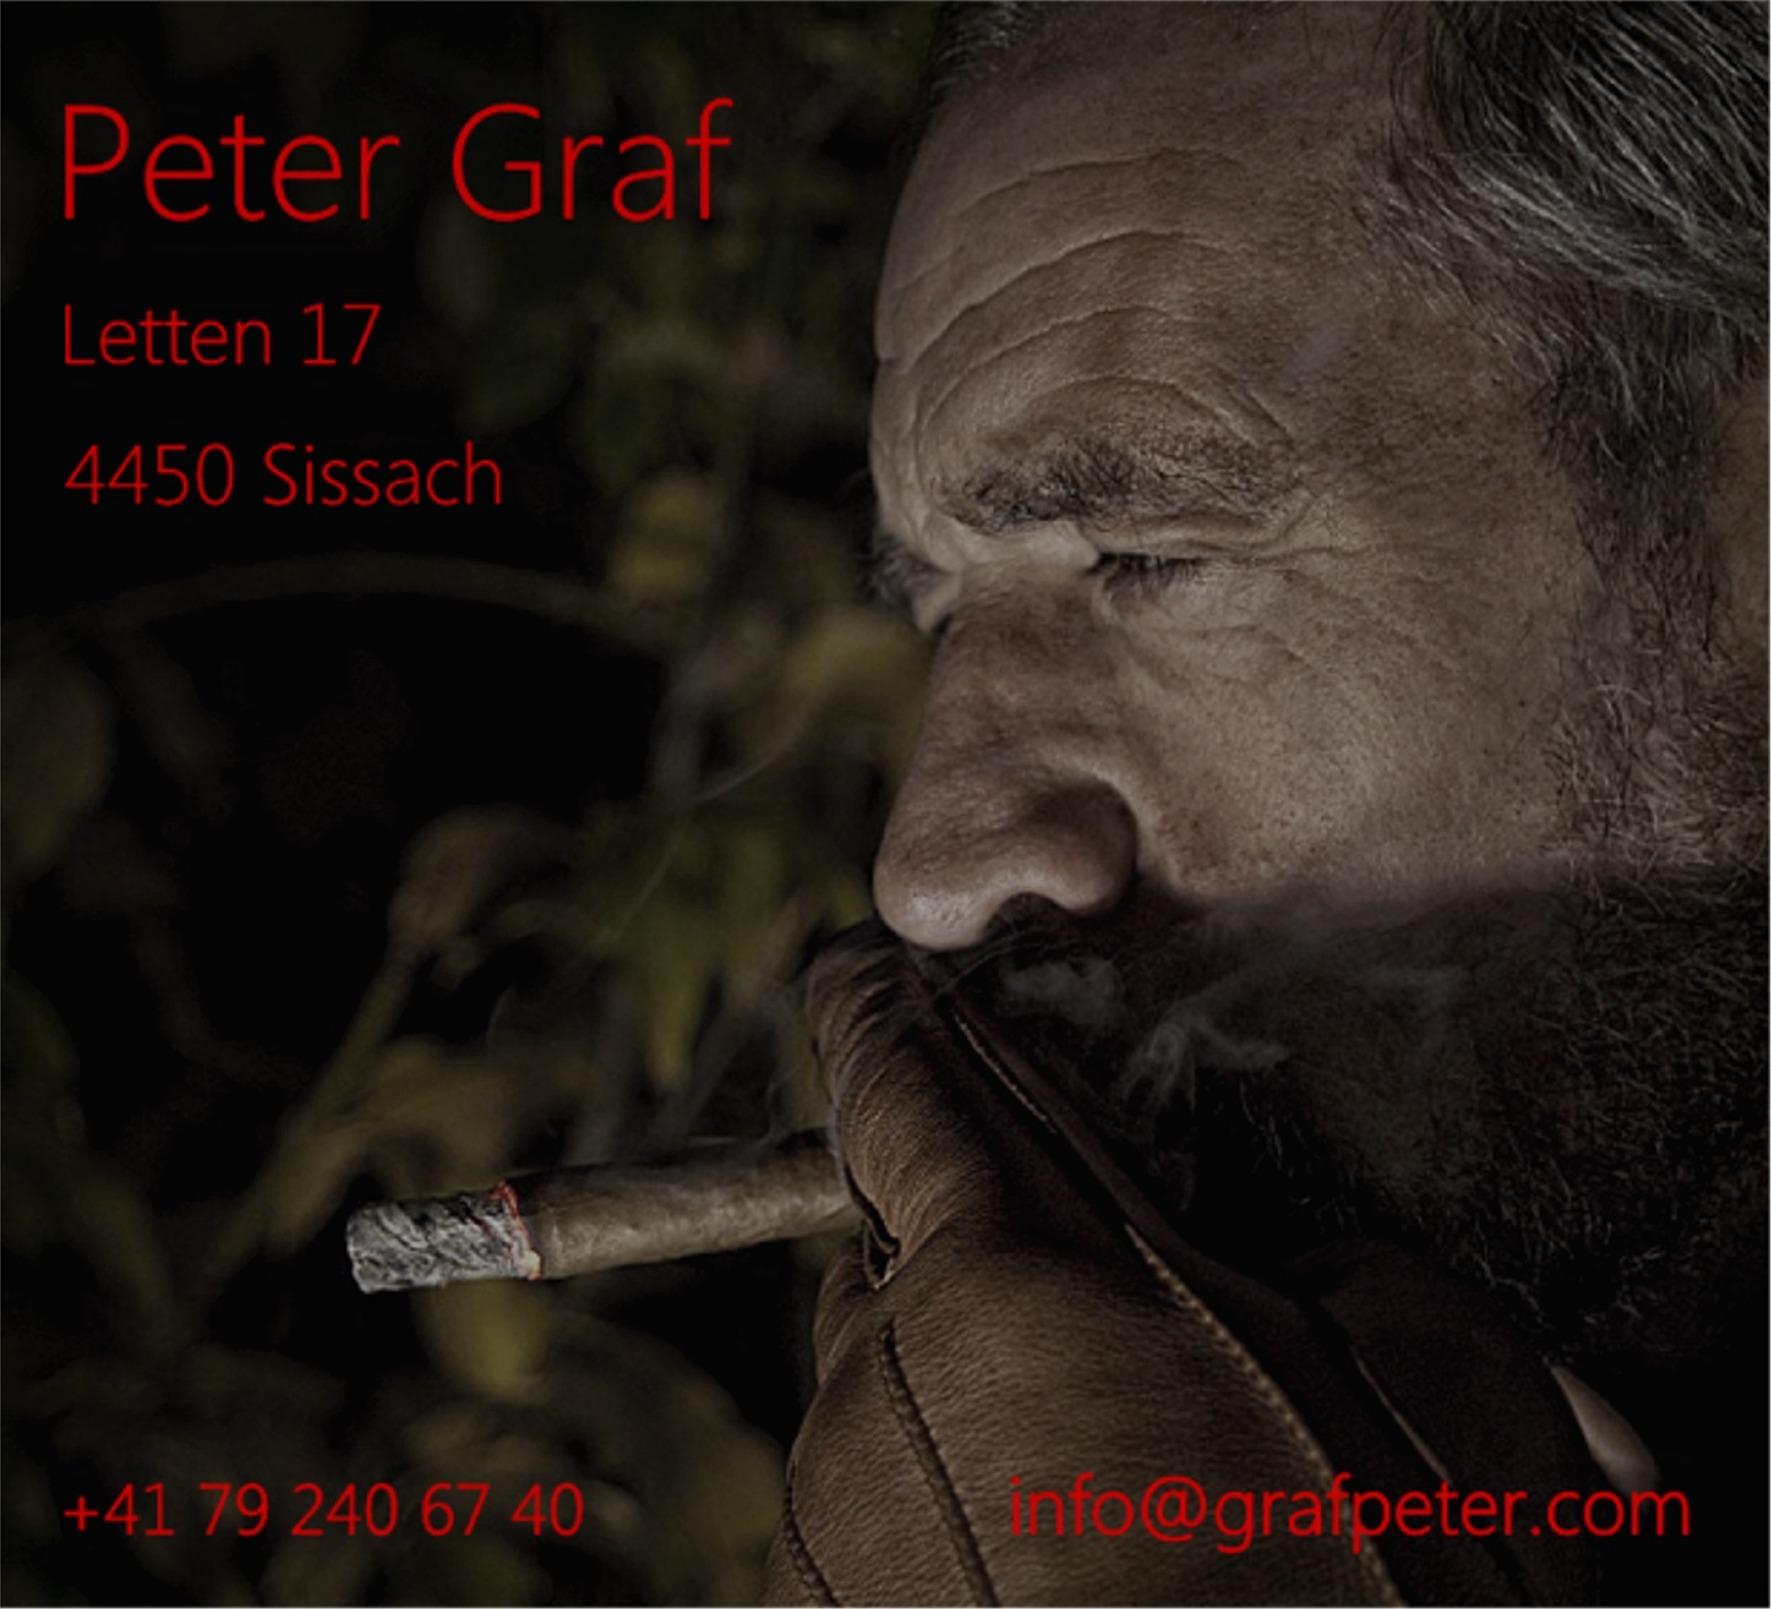 ud_Contakt - Stumpä-12 - info statt peter_schrift dunkler_cut